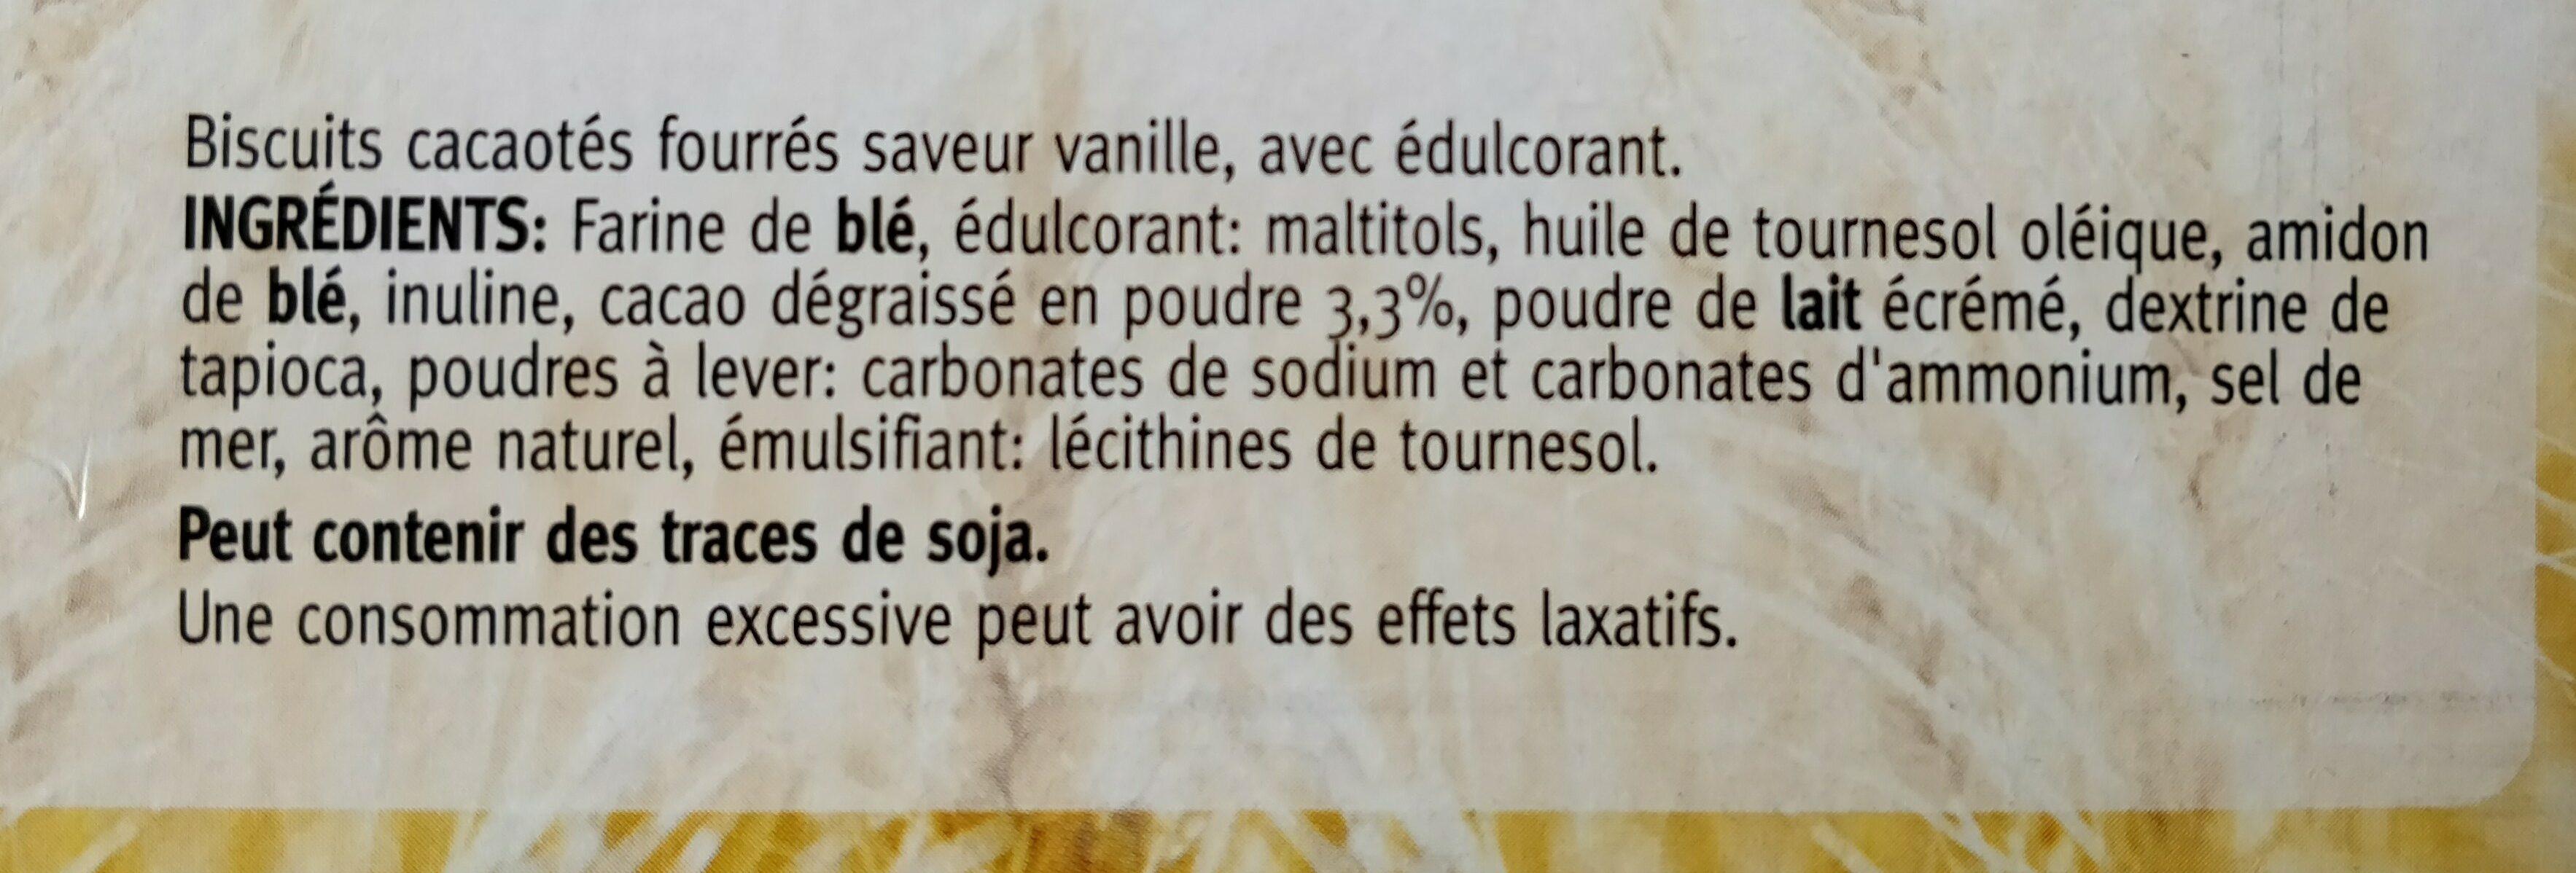 Céréal double delight - Ingrédients